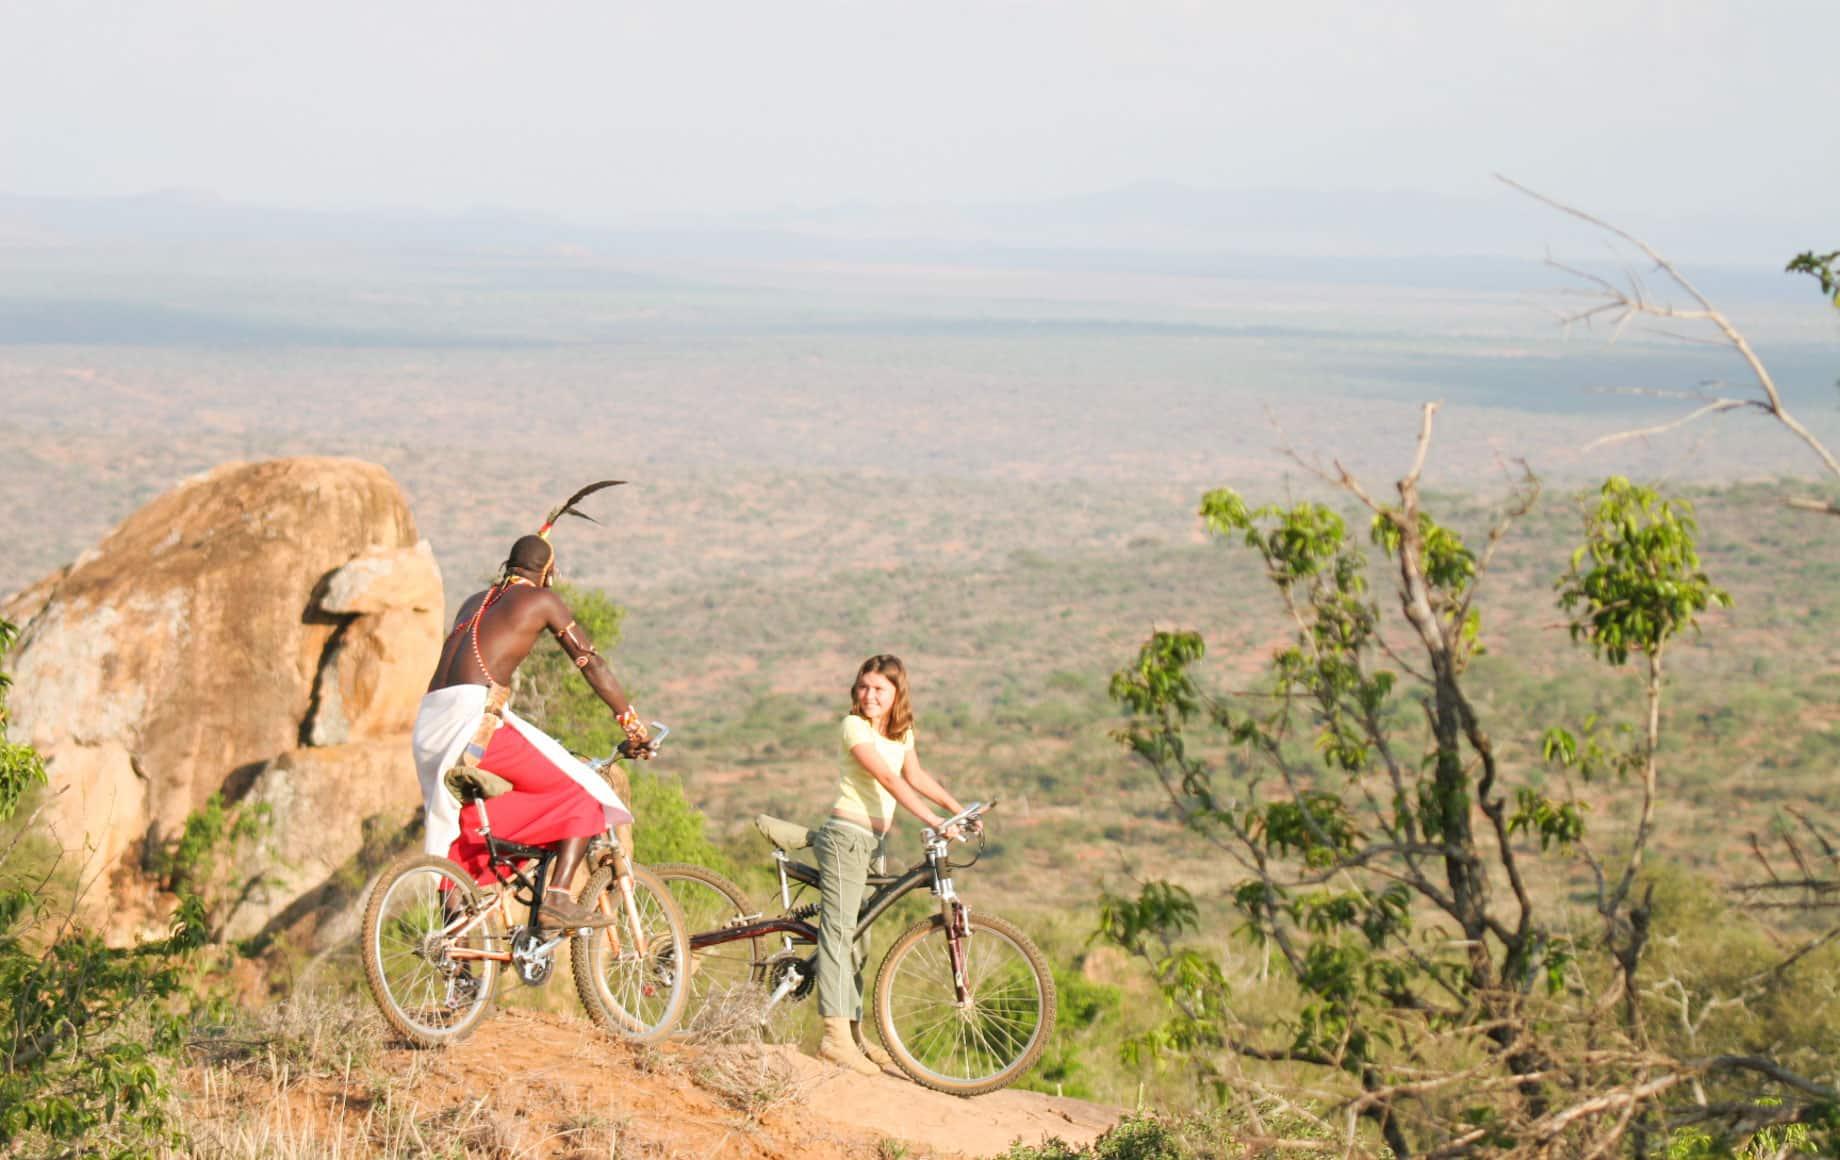 Biking near Loisaba Conservancy